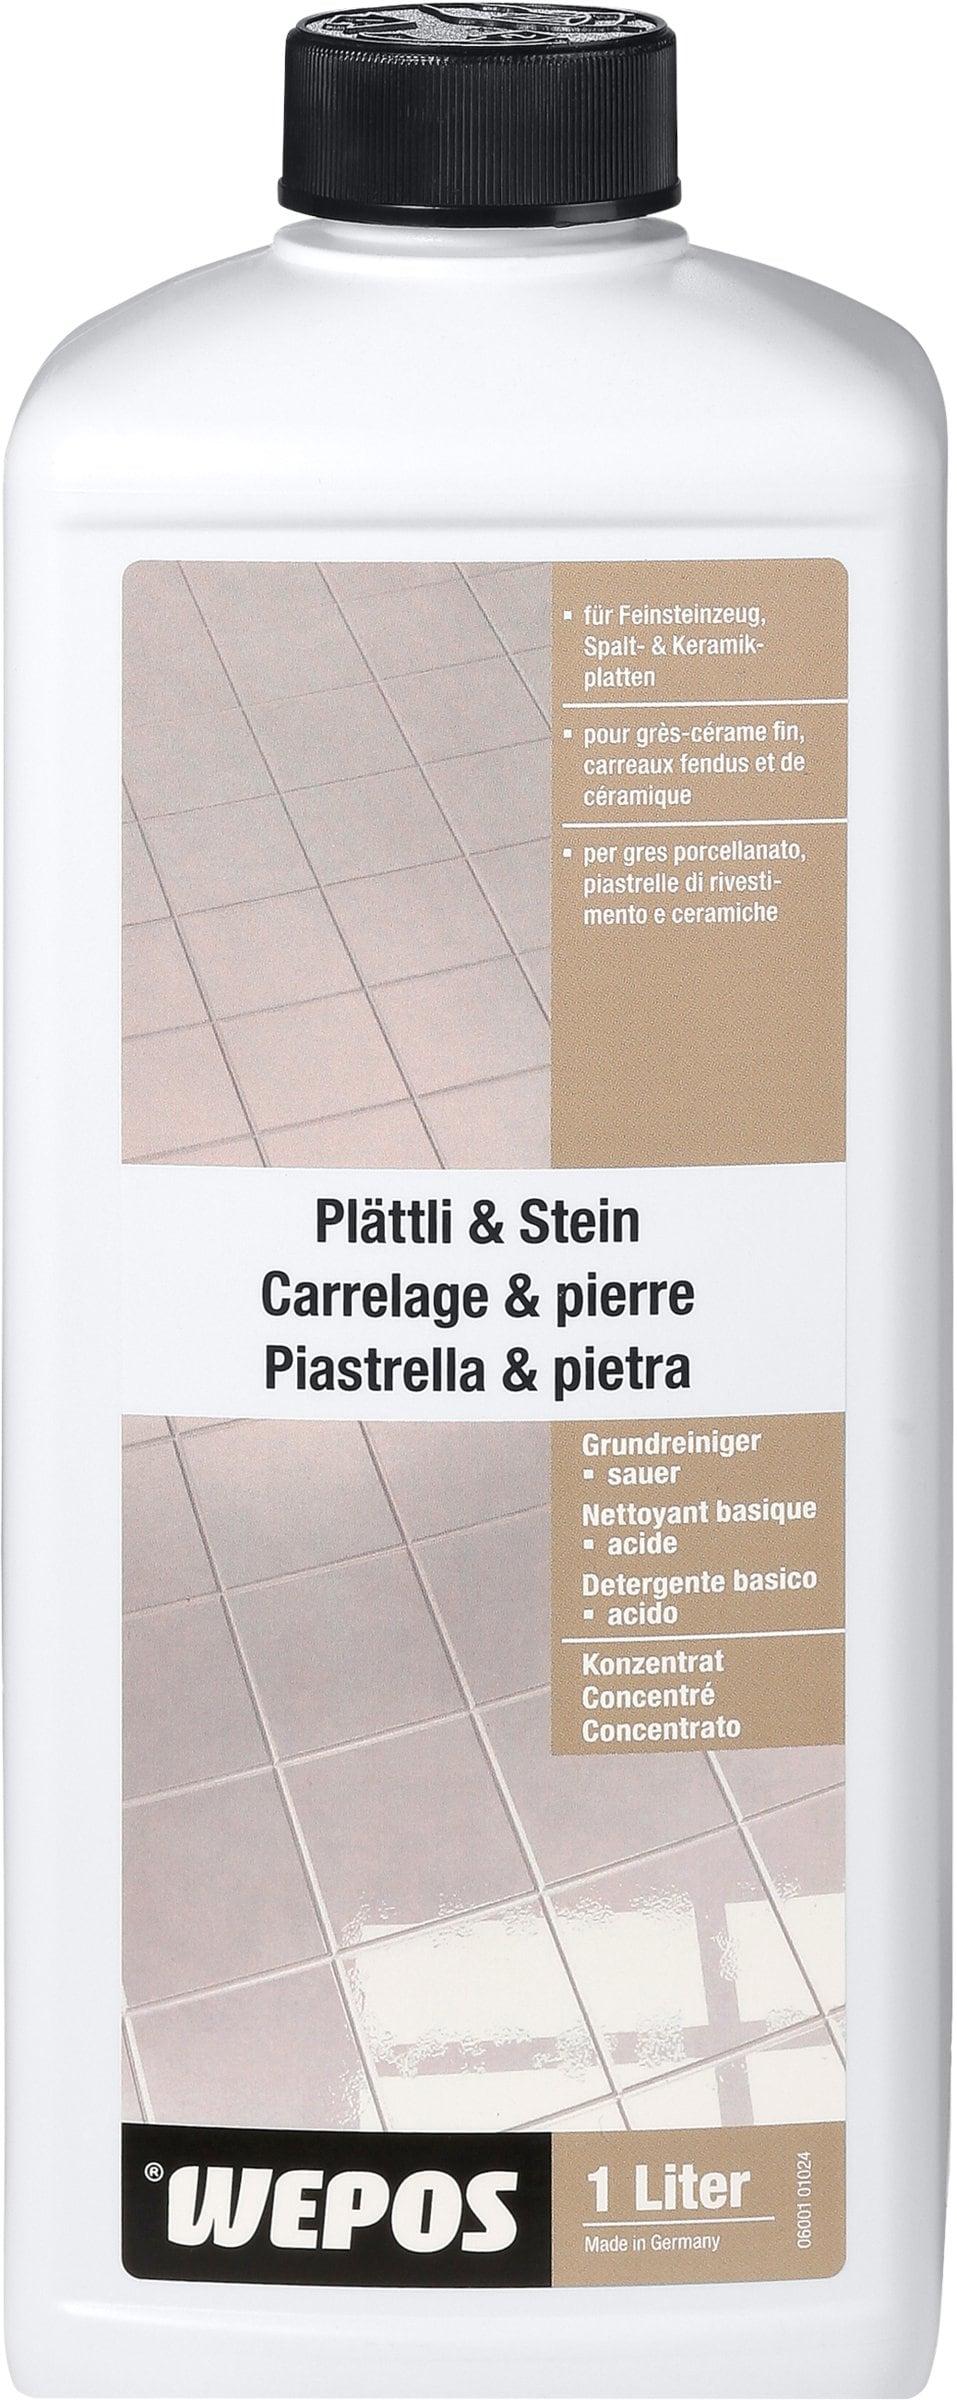 Wepos Detergente di base concentrato per piastrelle e pietra, acido